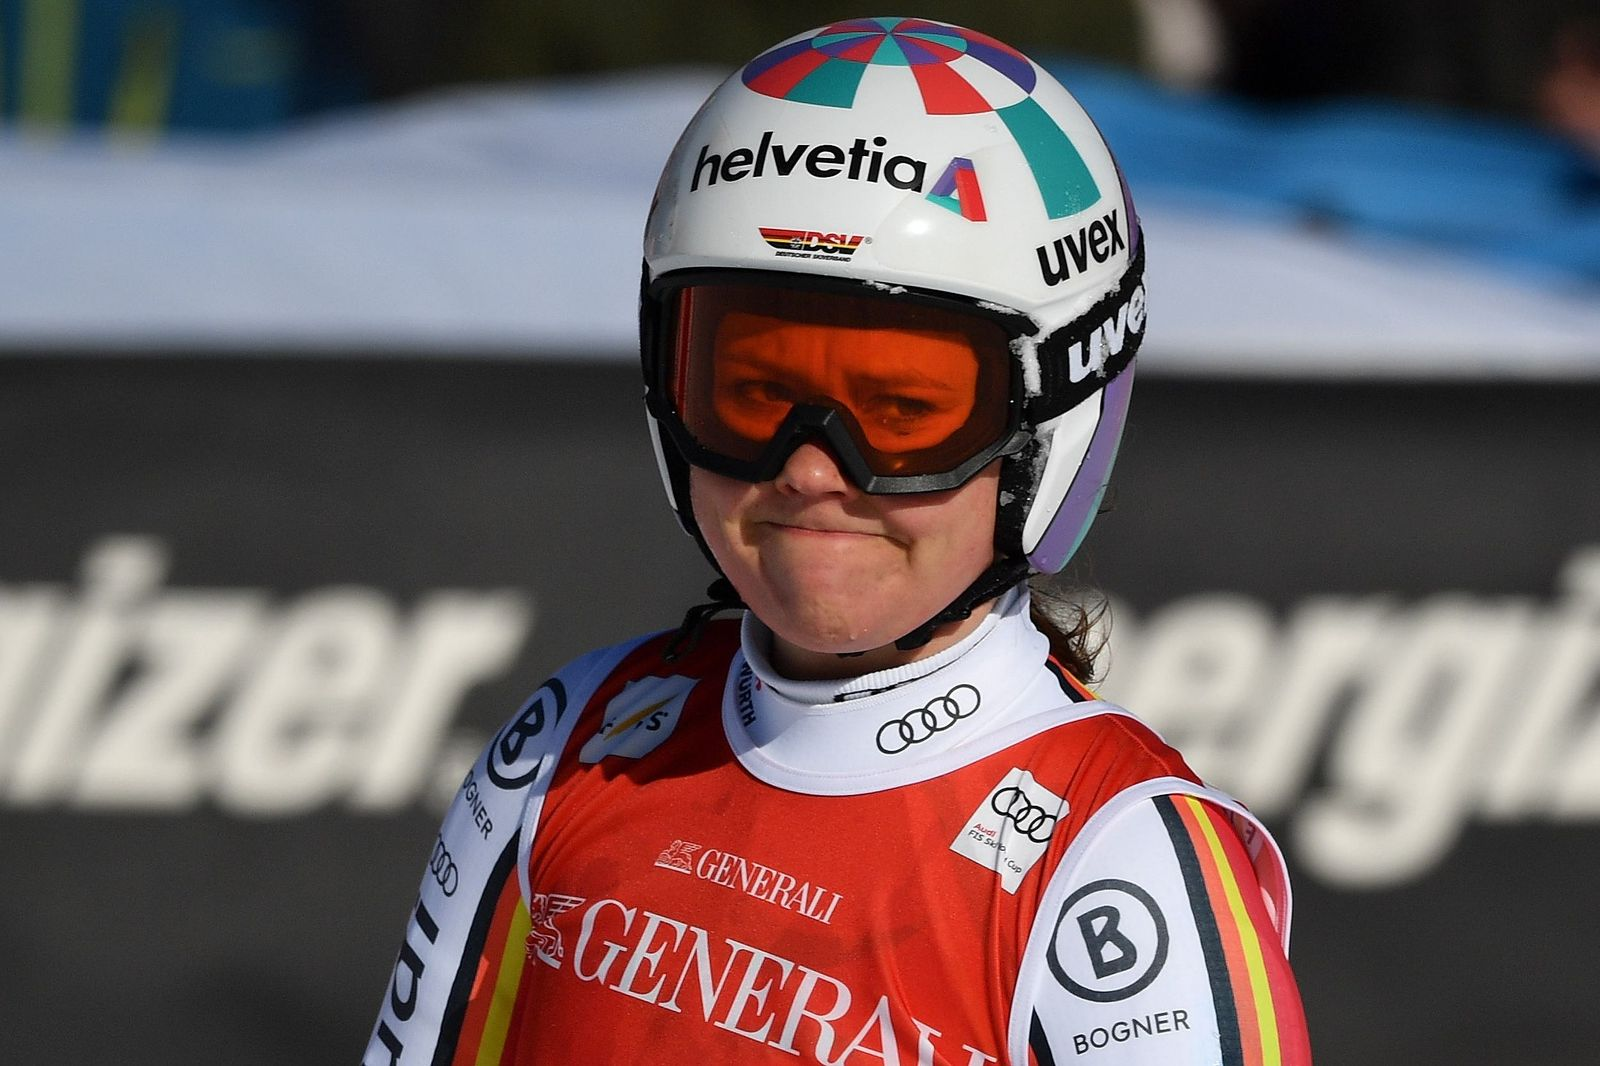 Alpine Skiing World Cup in Garmisch Partenkirchen, Germany - 09 Feb 2020